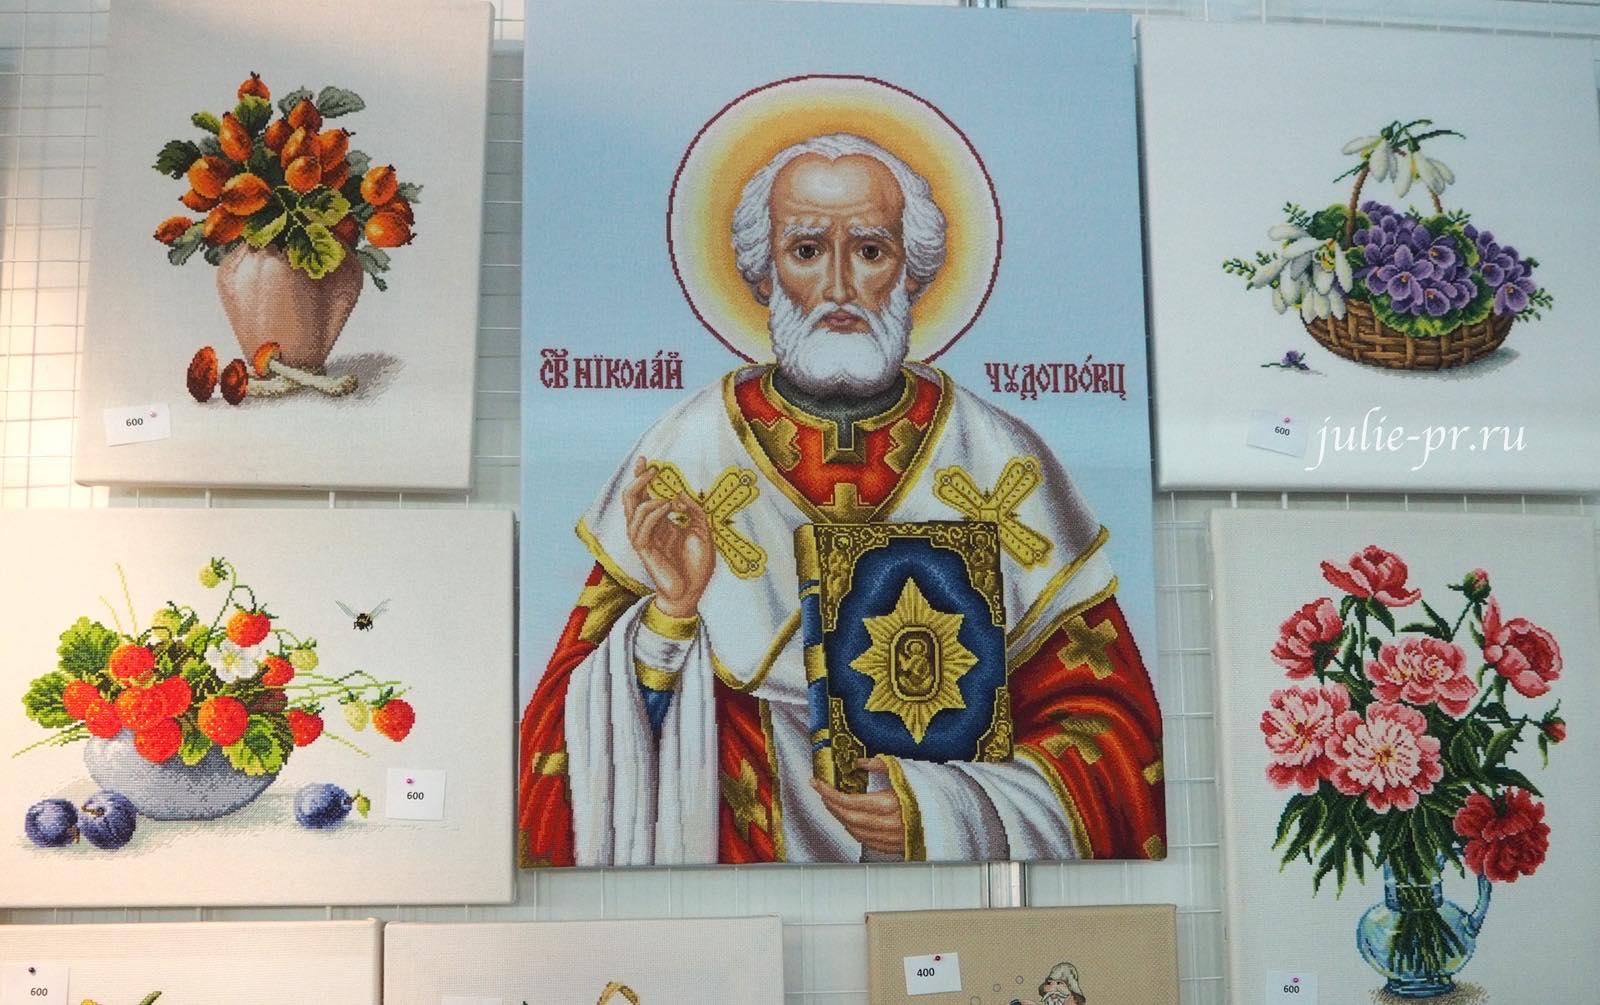 Светлана Прокопец, Сделано с любовью, вышивка крестом, Николай Чудотворец